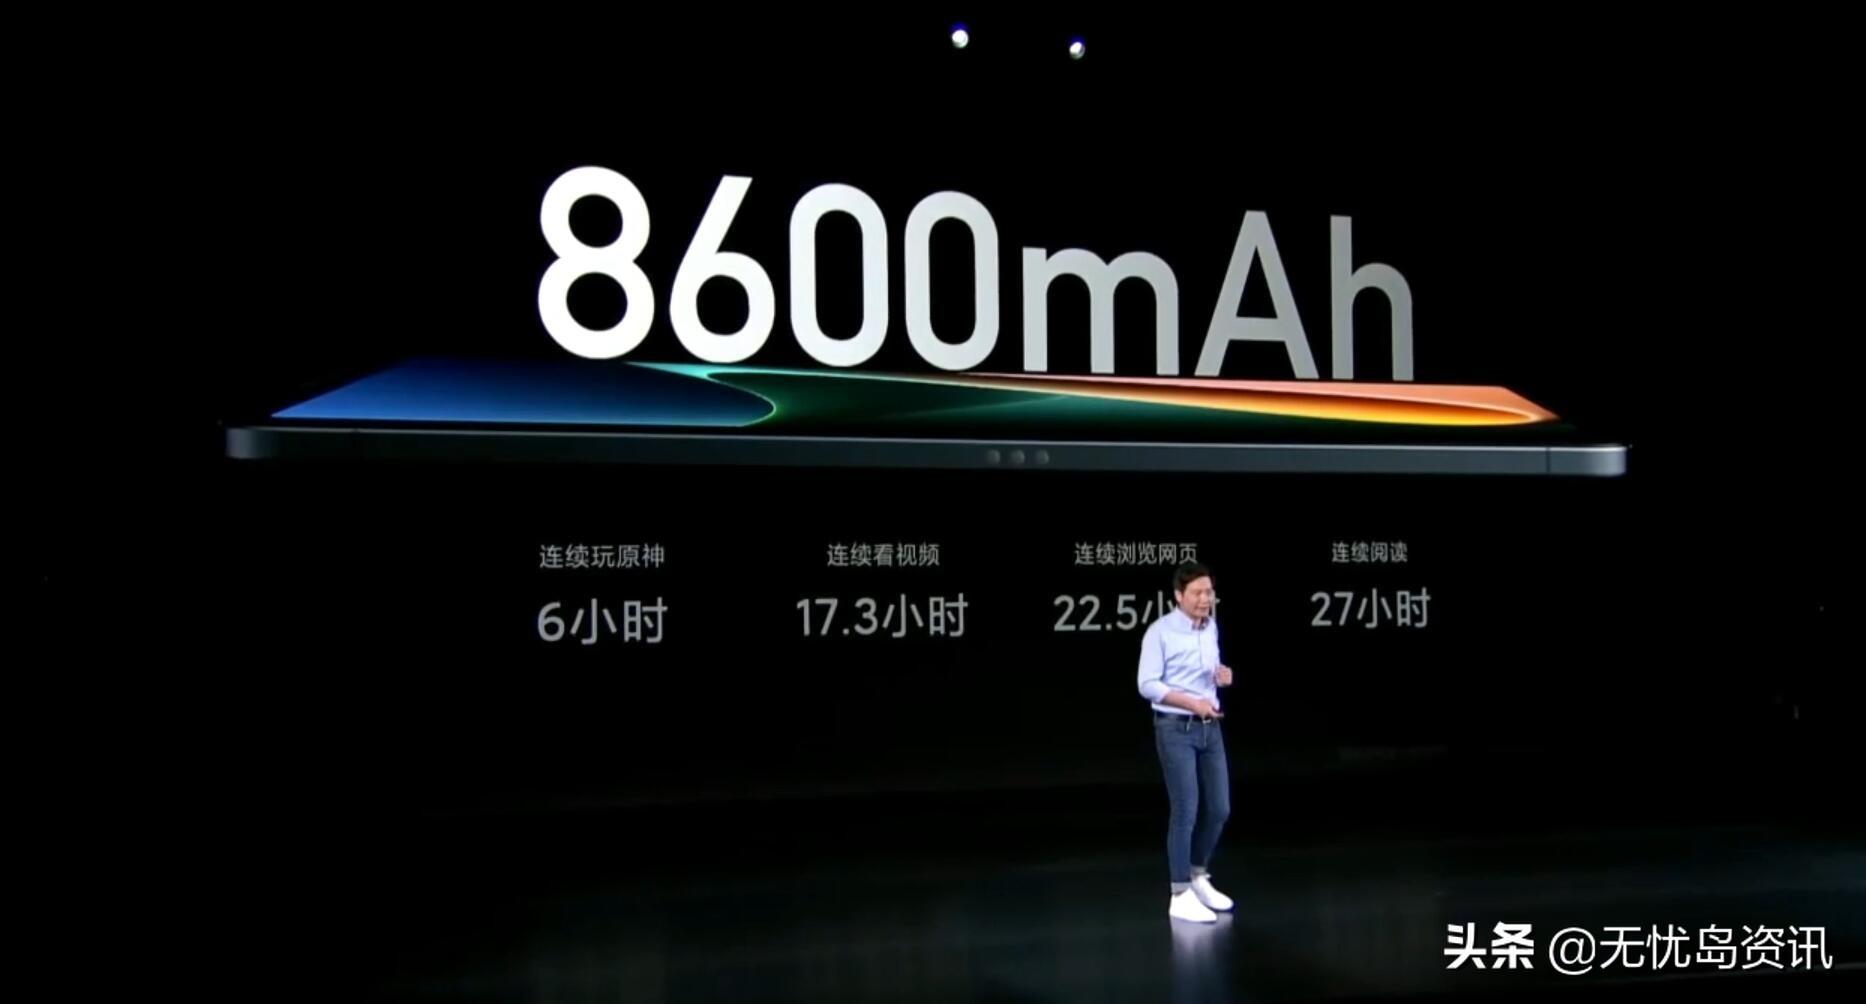 雷军对标iPad Pro而研发的小米平板5,究竟值不值得买呢? 京东特惠 第6张